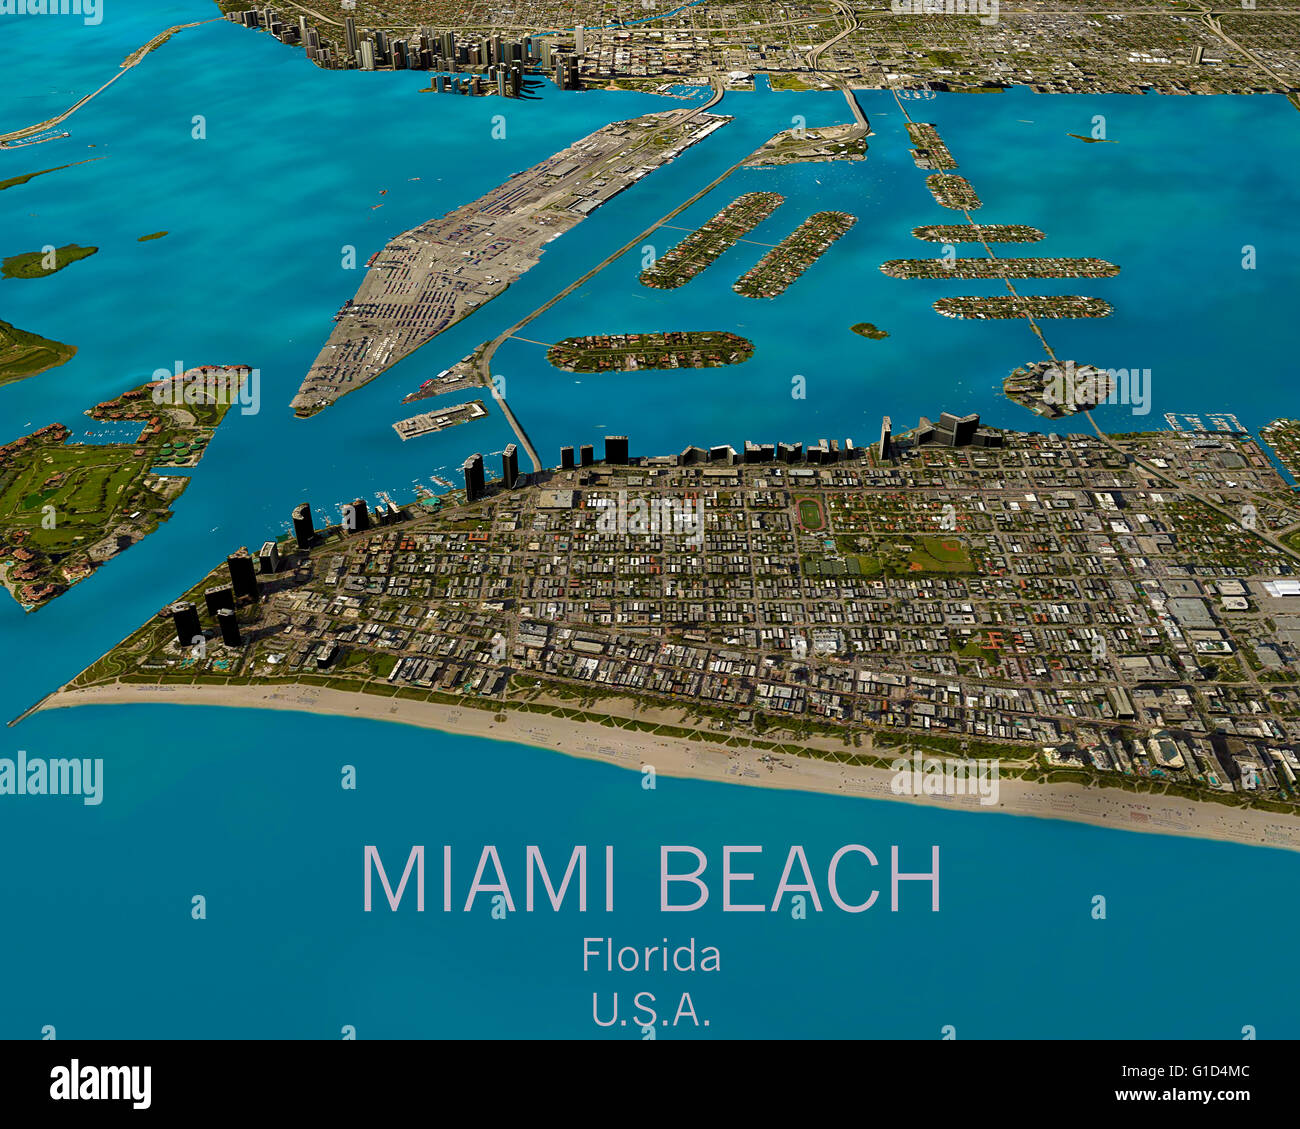 satellite view miami map florida stockfotos & satellite view